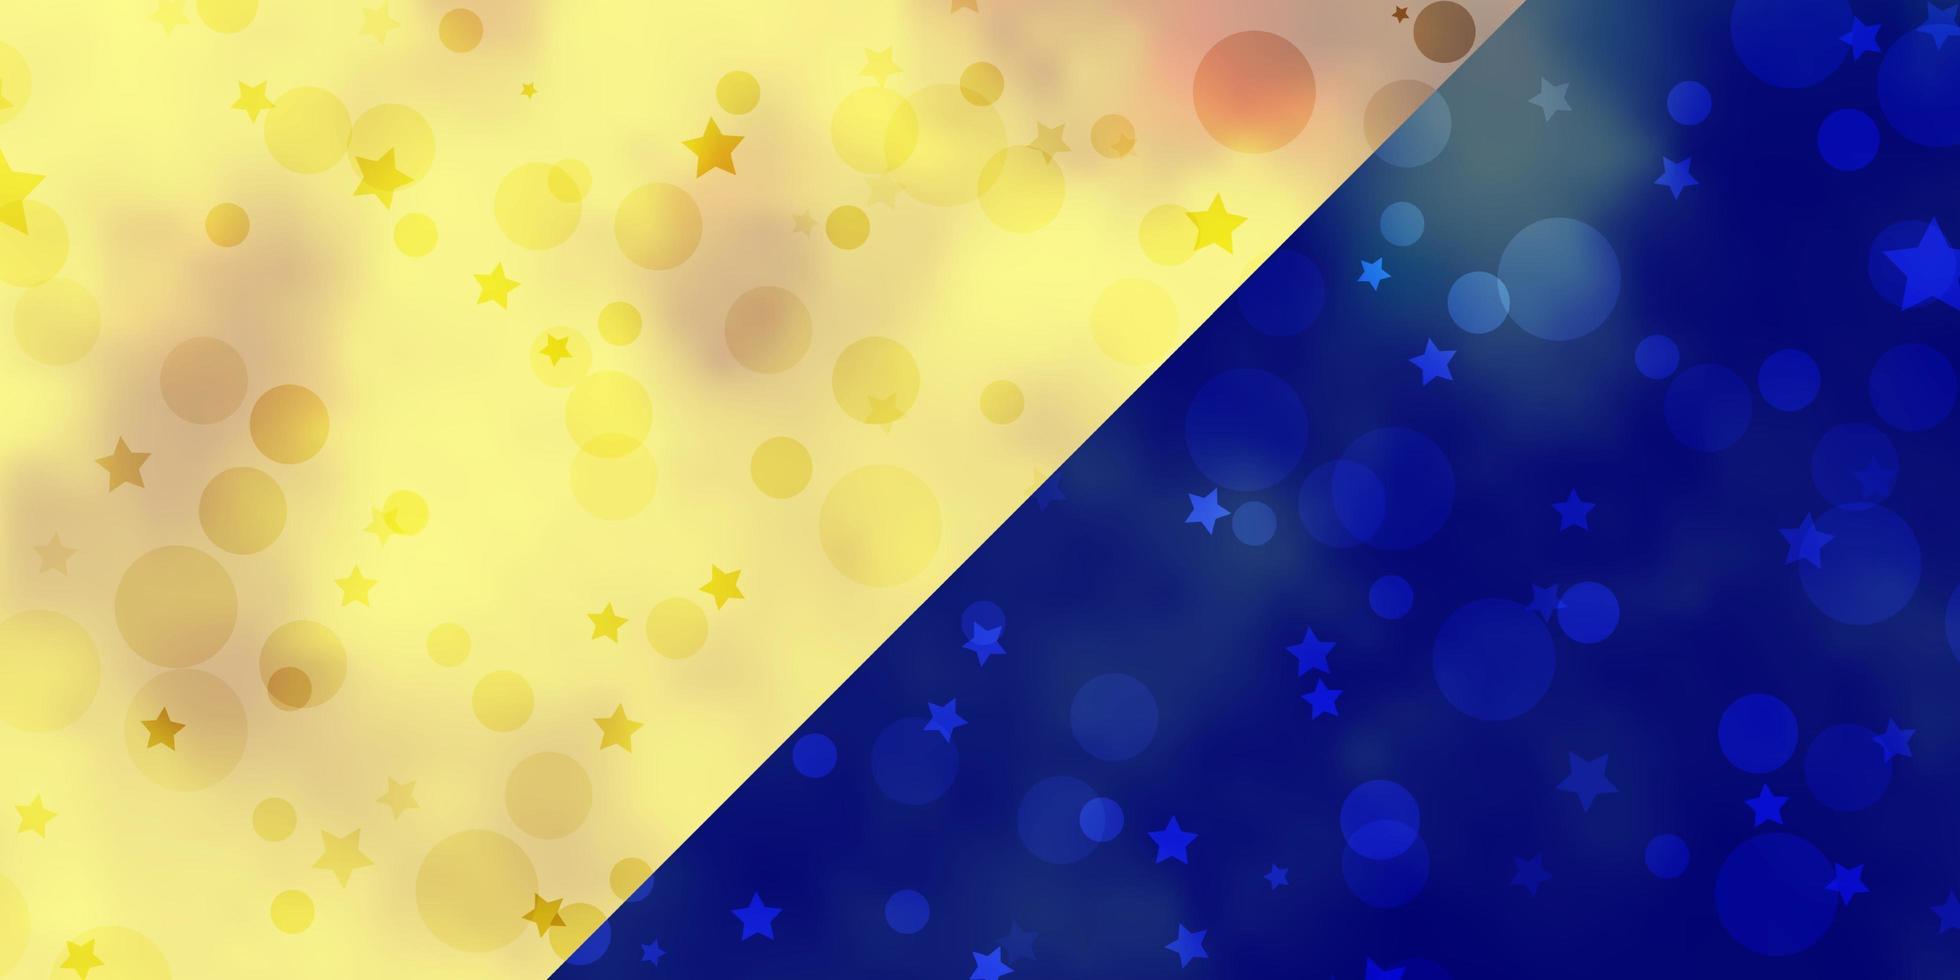 sfondo vettoriale con cerchi, stelle.